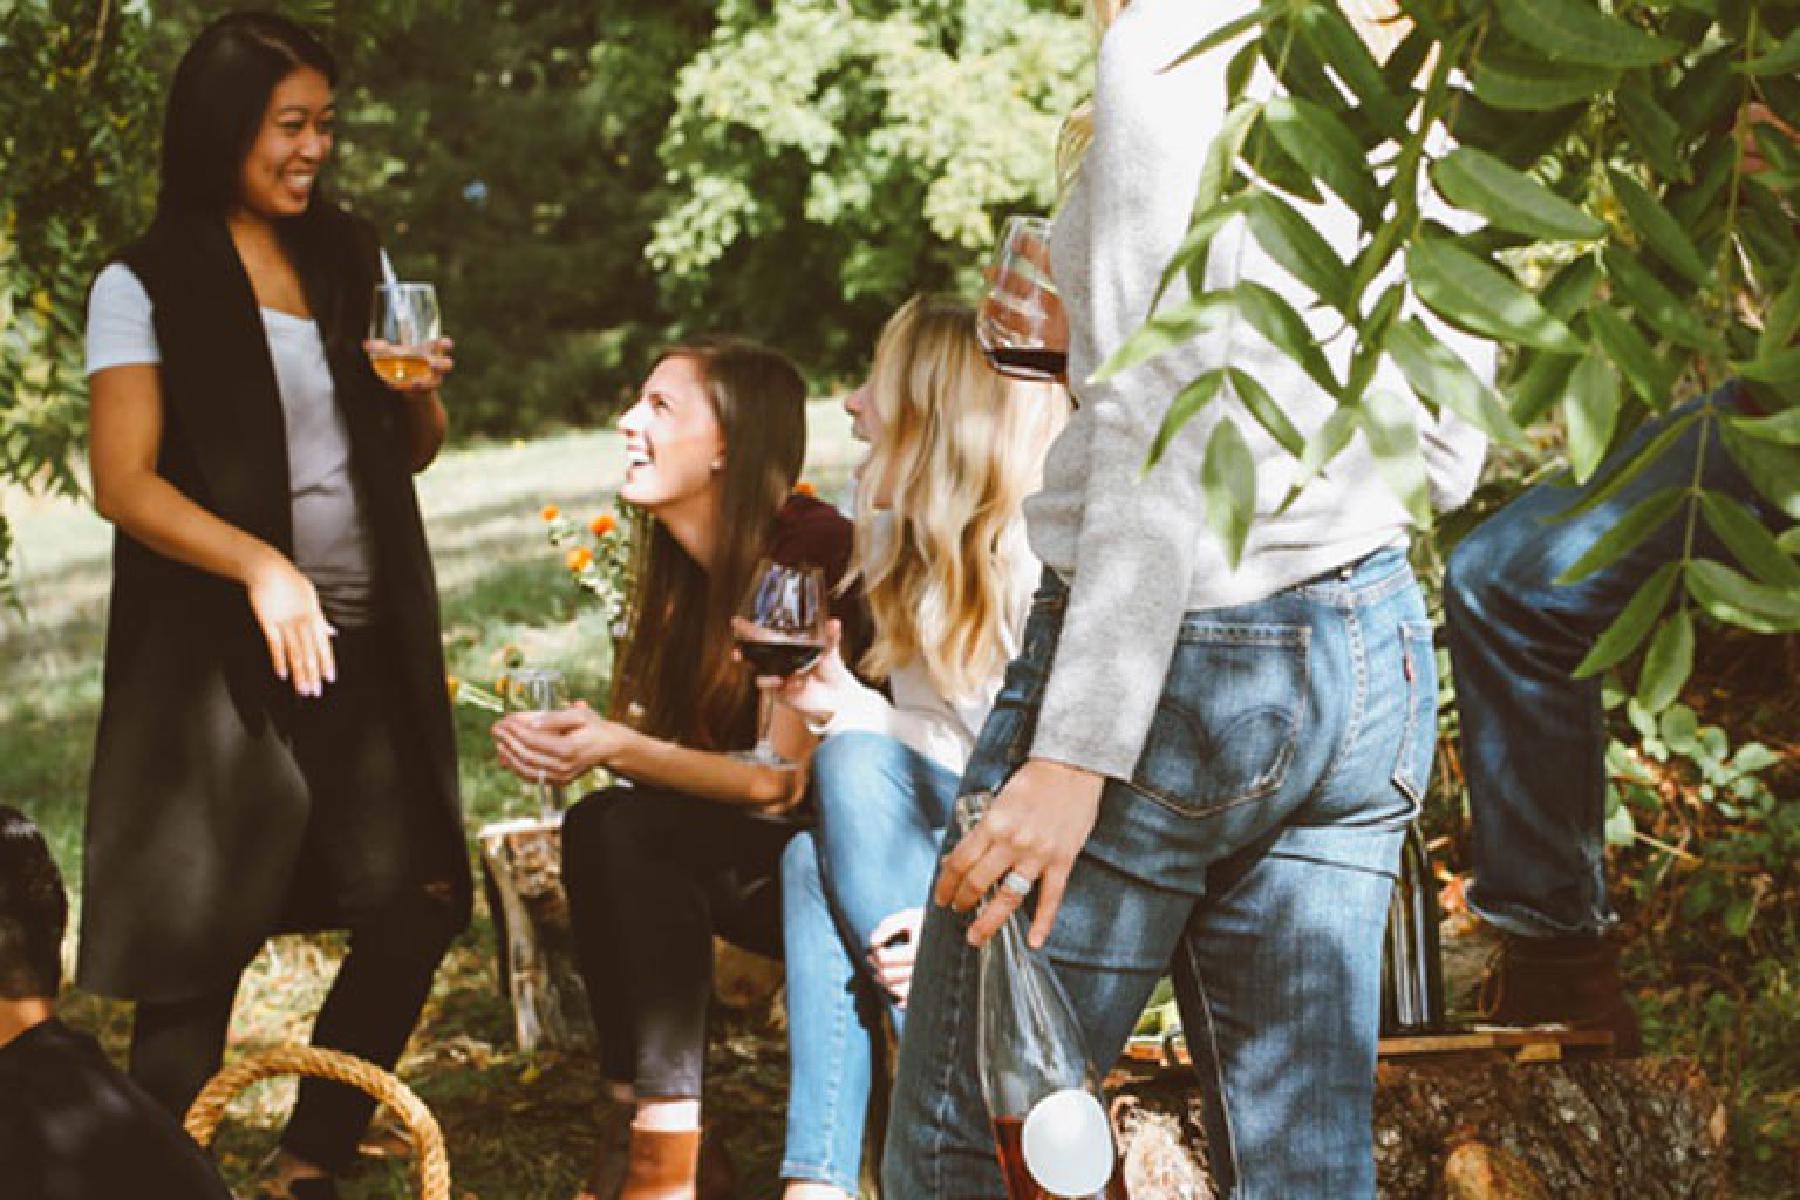 Frauen unterhalten sich lachend im Garten